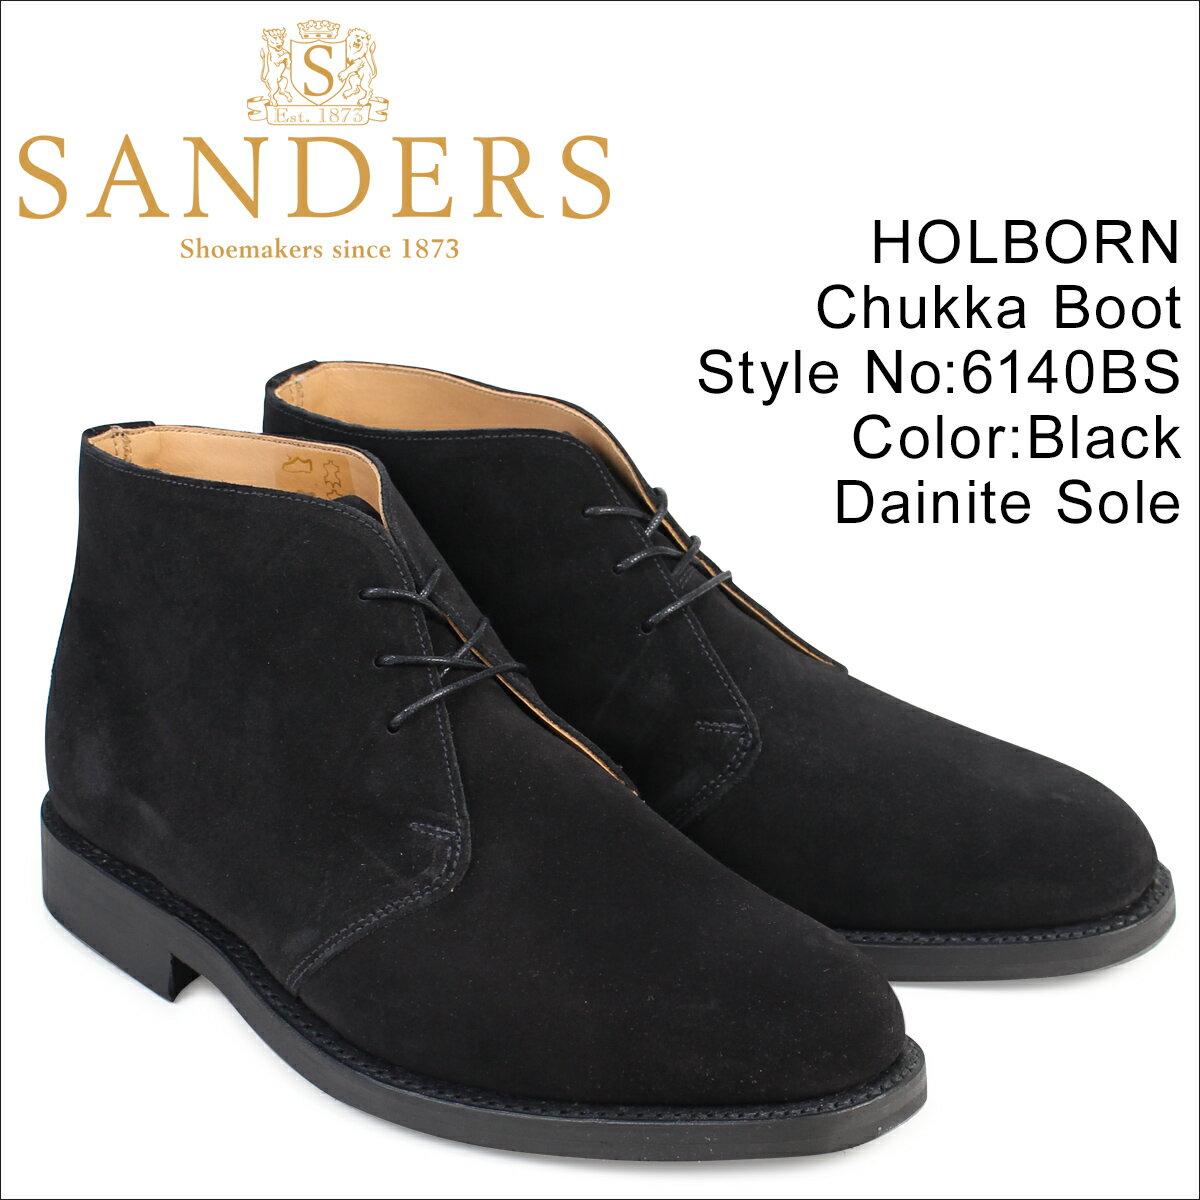 SANDERS 靴 サンダース ミリタリー チャッカブーツ ビジネス HOLBORN 6140BS メンズ ブラック